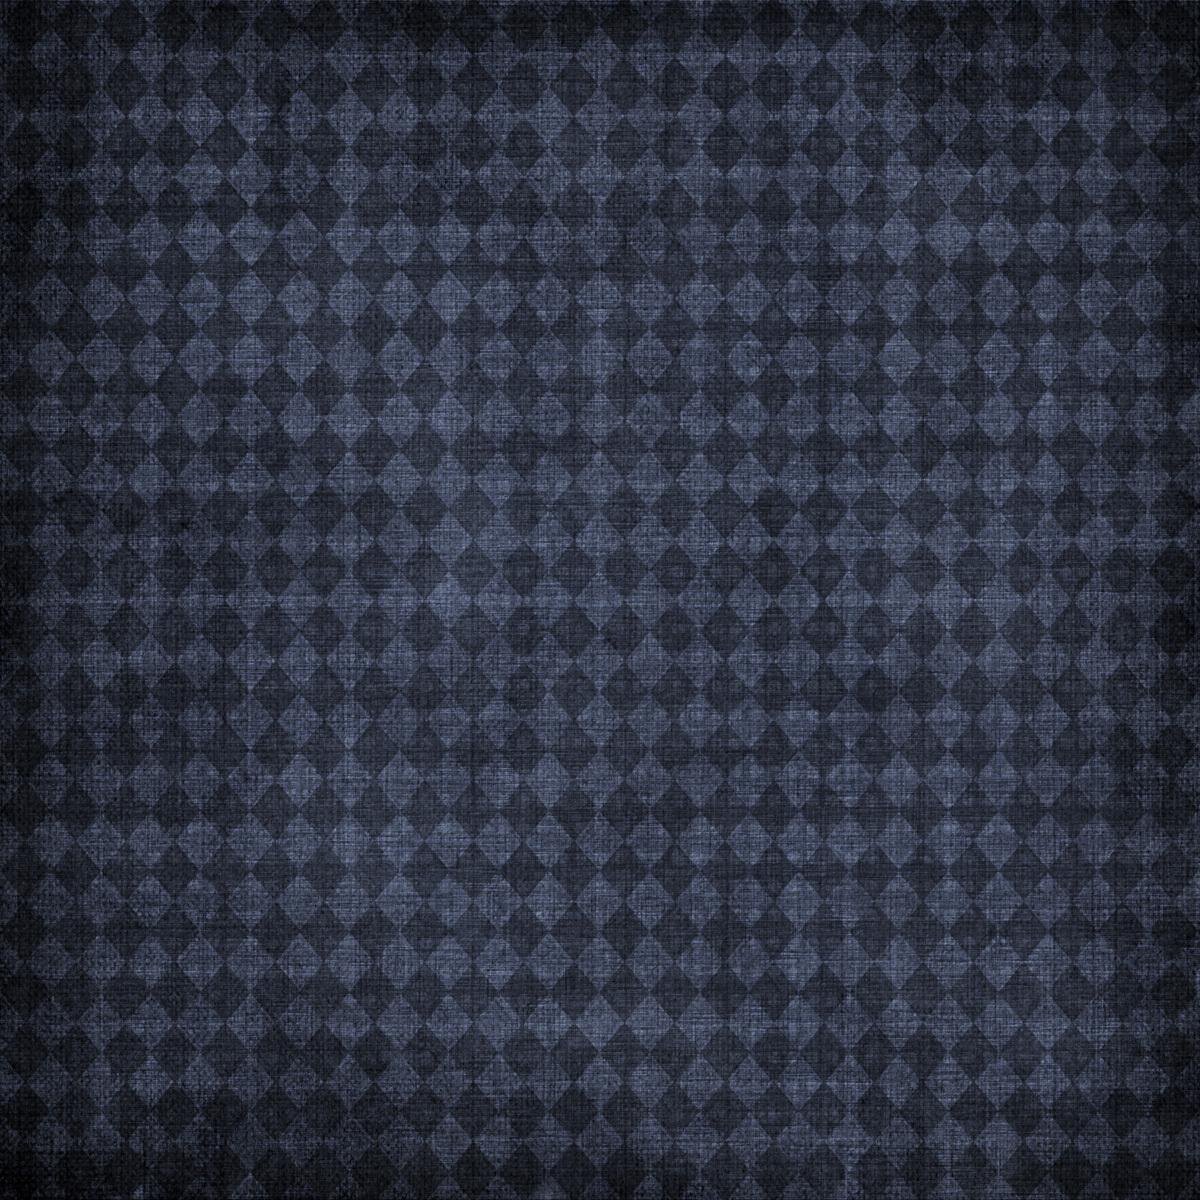 Free Download Dark Blue Grey Background Shade Of Dark Blue